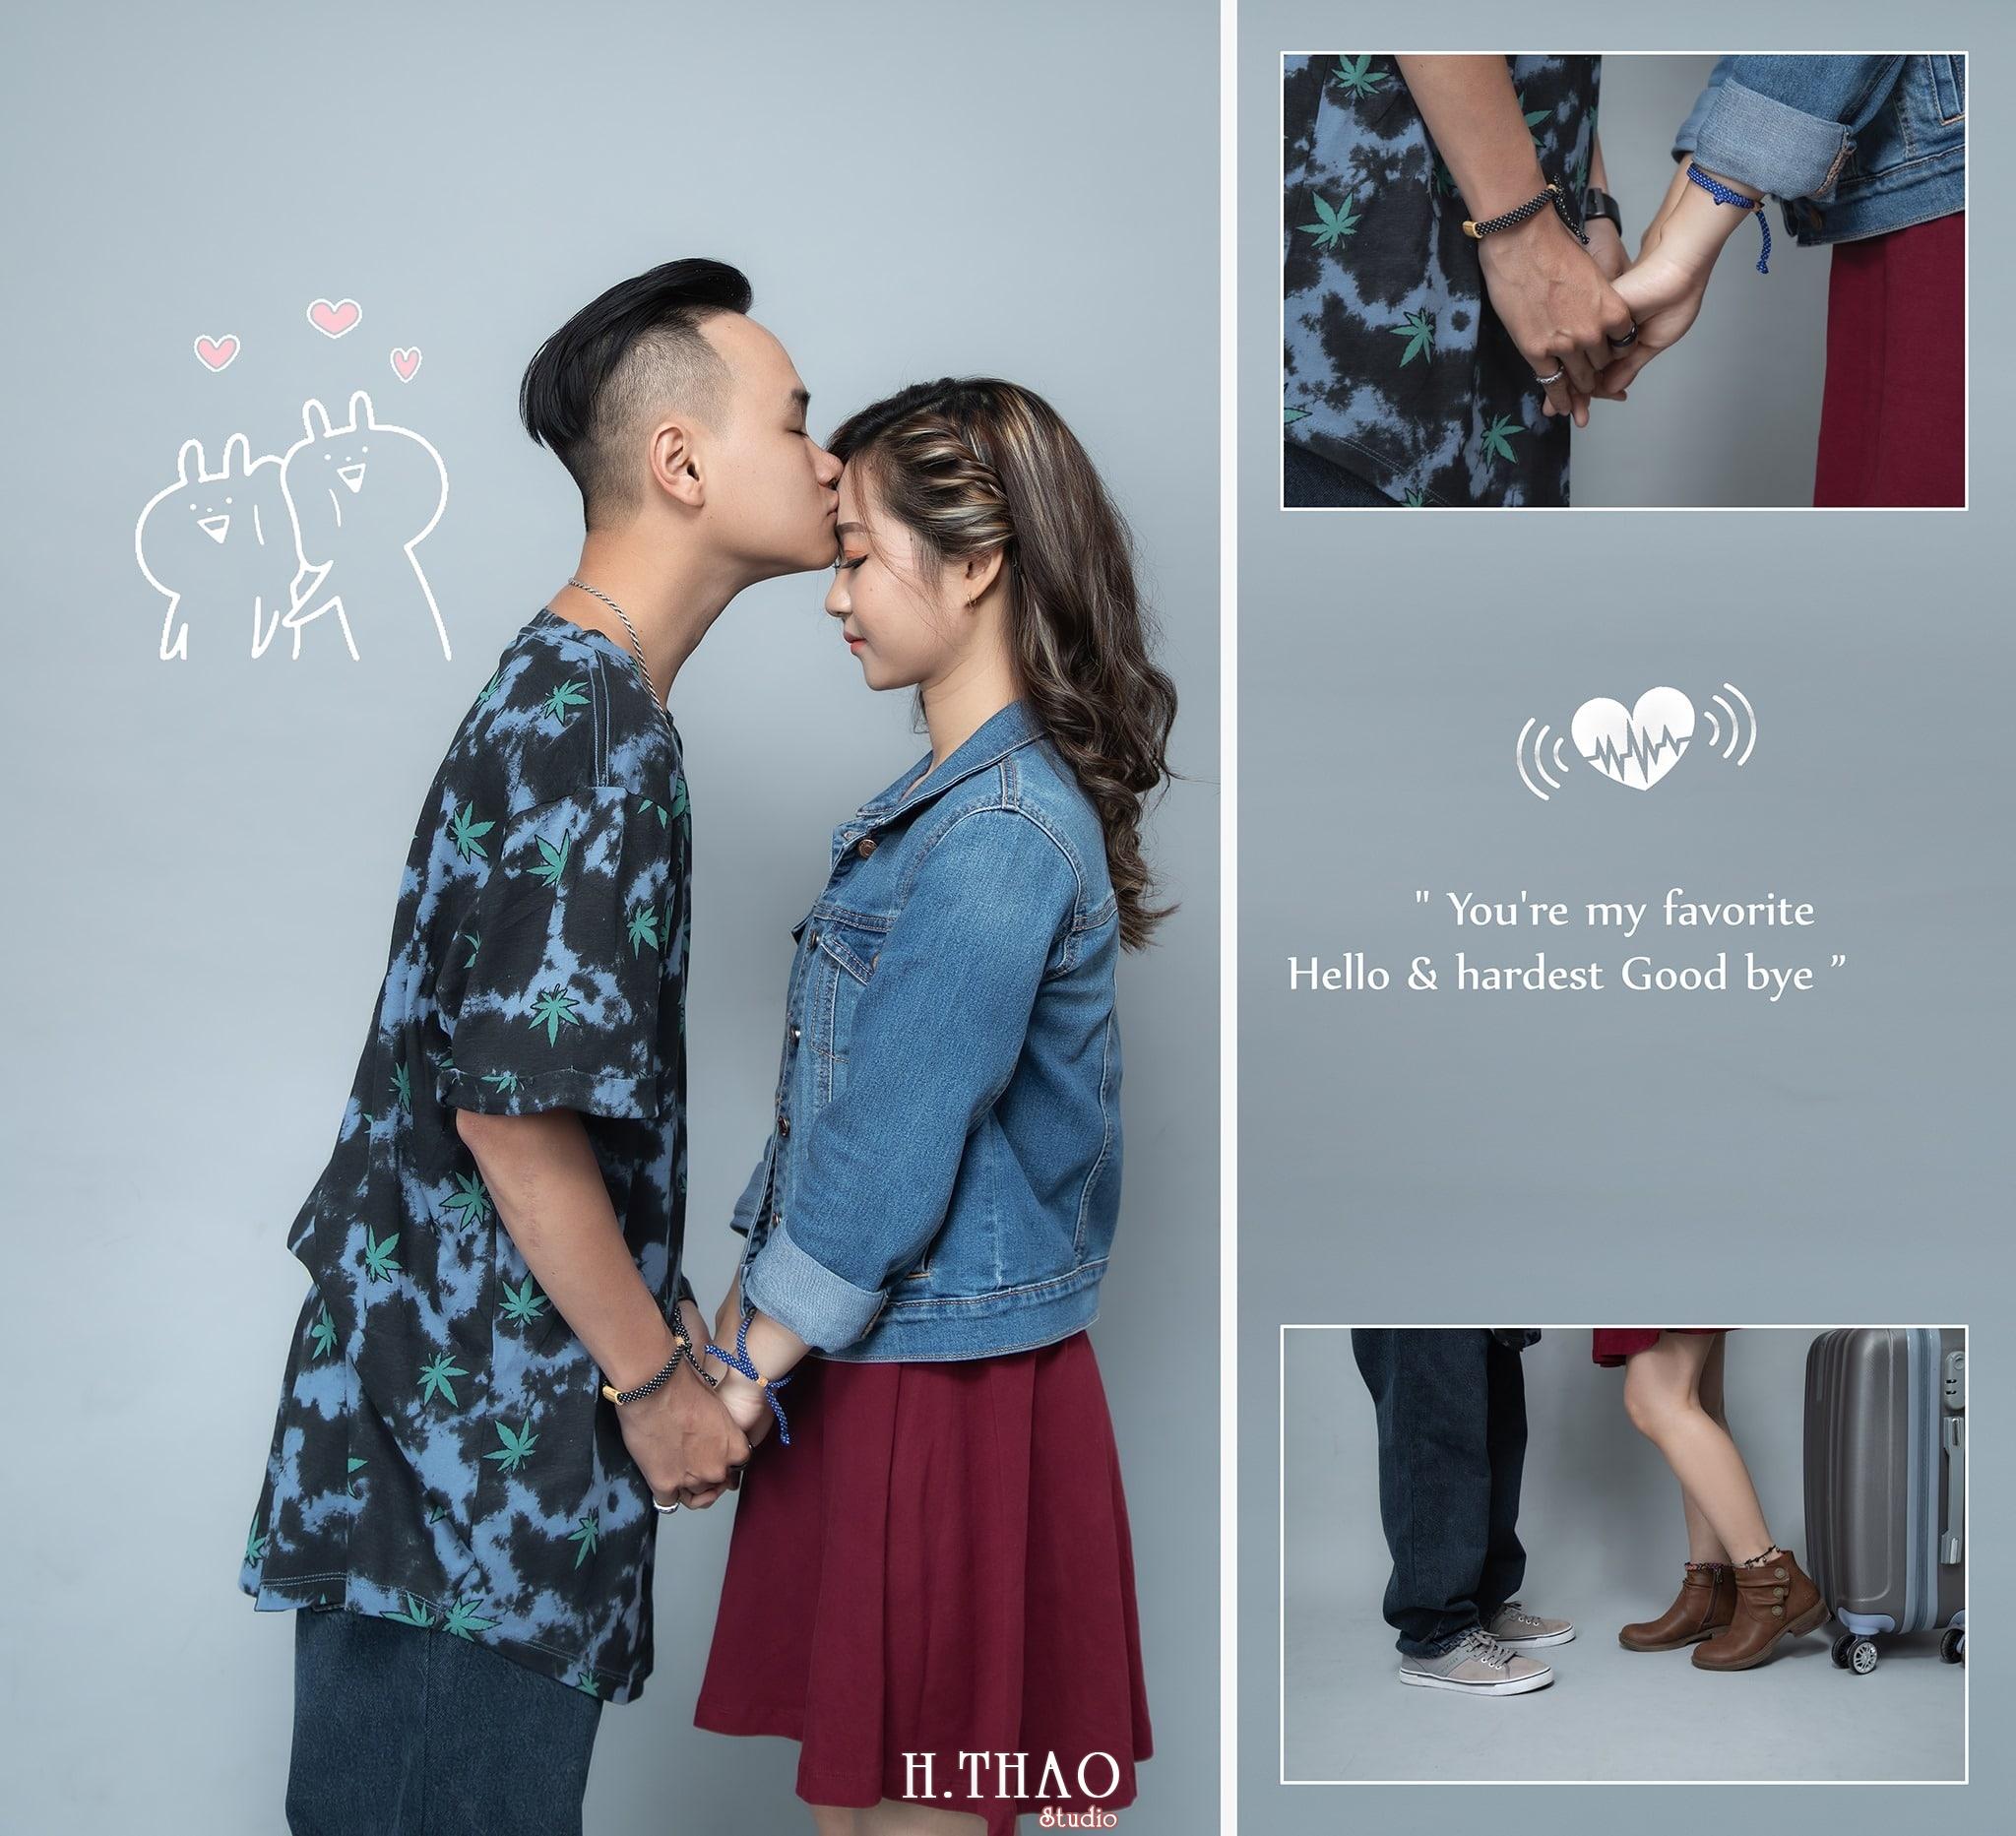 69813513 2310159852436959 4865595950866890752 o - Chụp ảnh couple, kỷ niệm Valentine - Ngày Lễ tình nhân